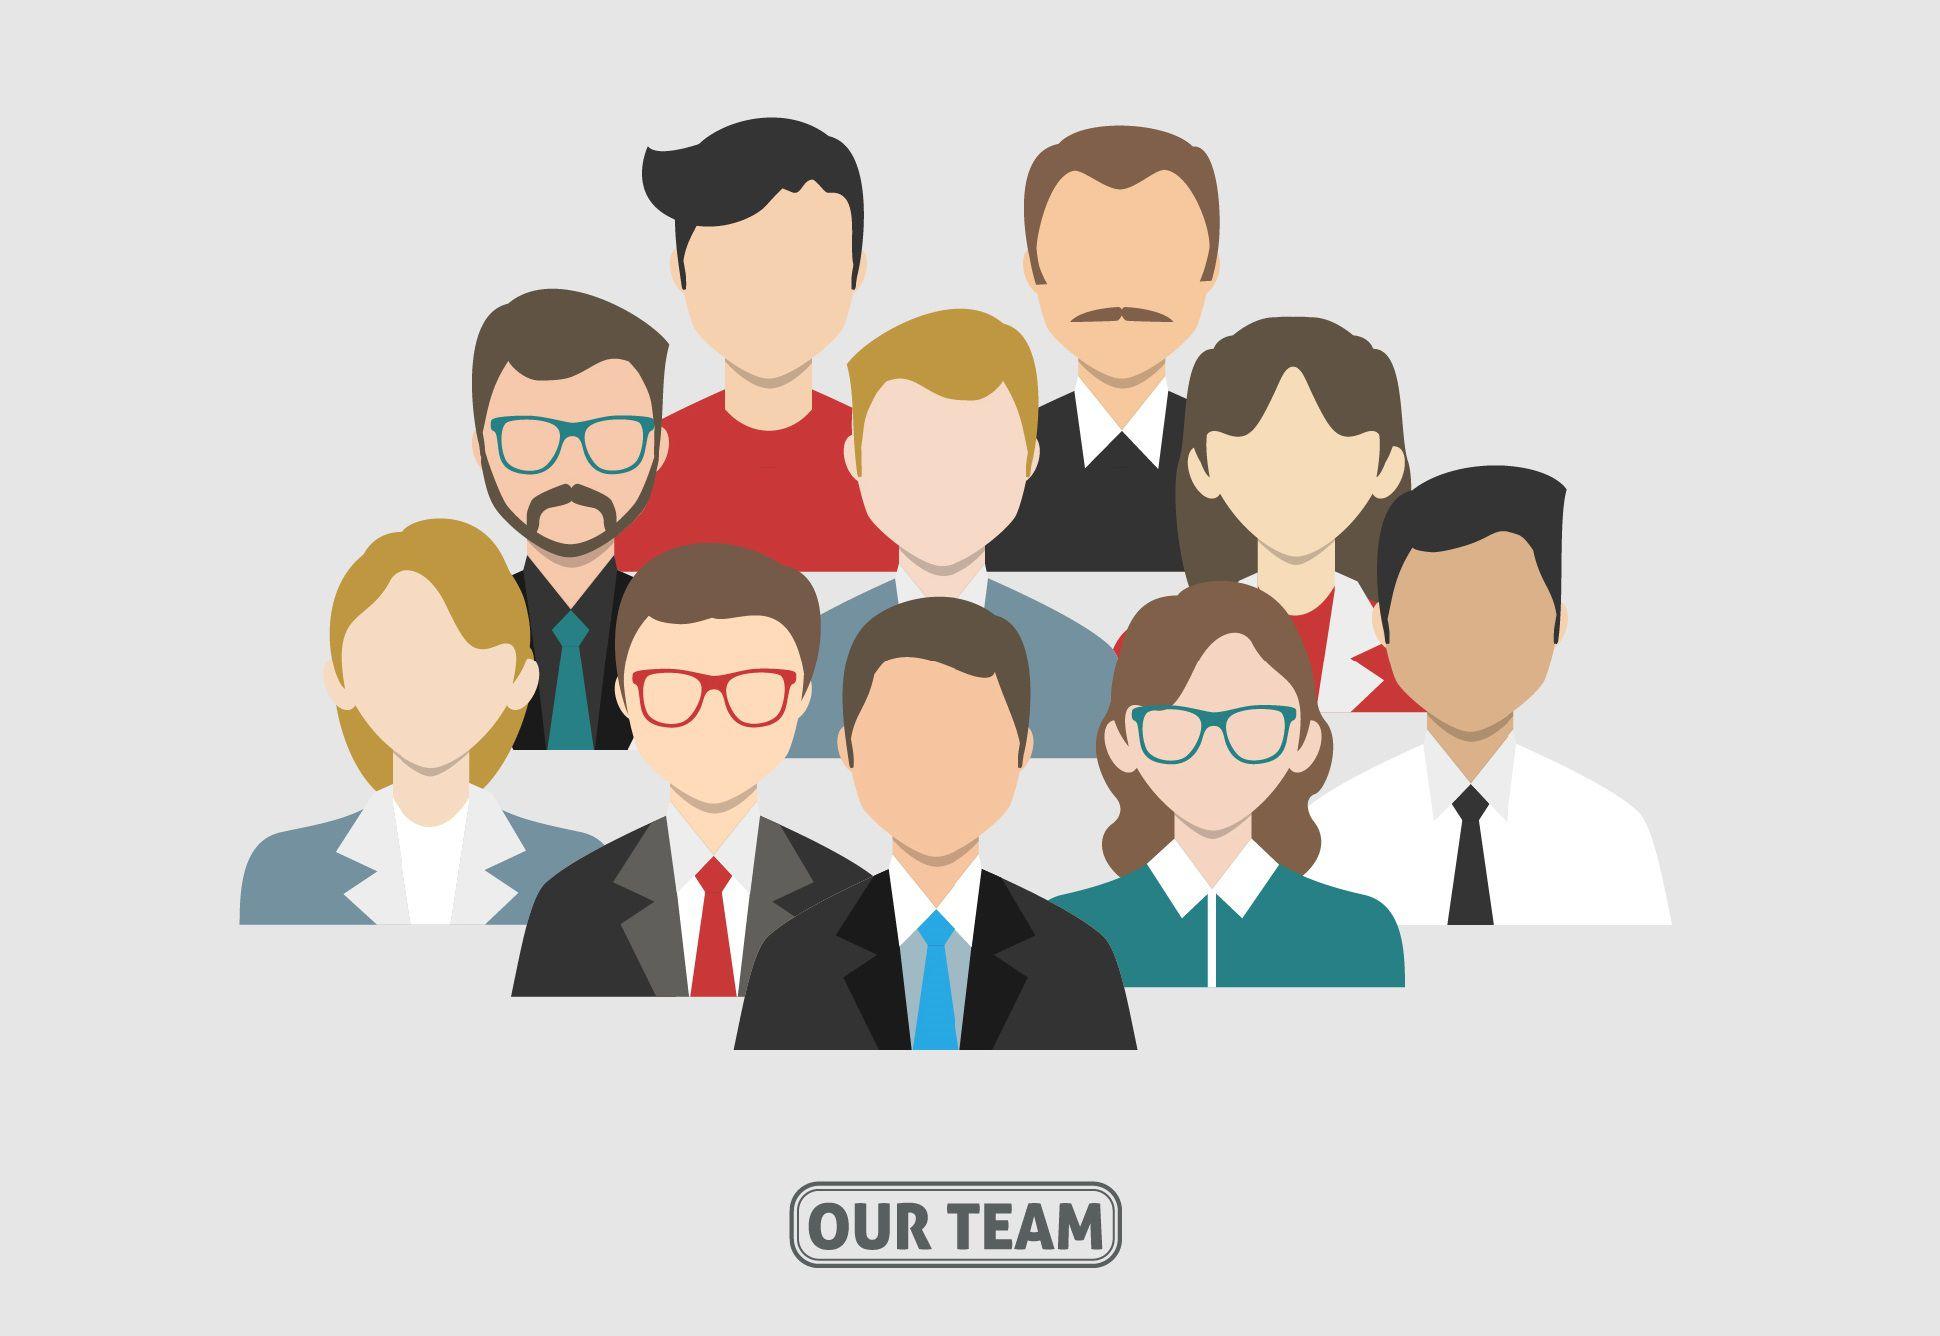 công ty tnhh 2 thành viên; công ty trách nhiệm hữu hạn 2 thành viên; công ty tnhh hai thành viên;